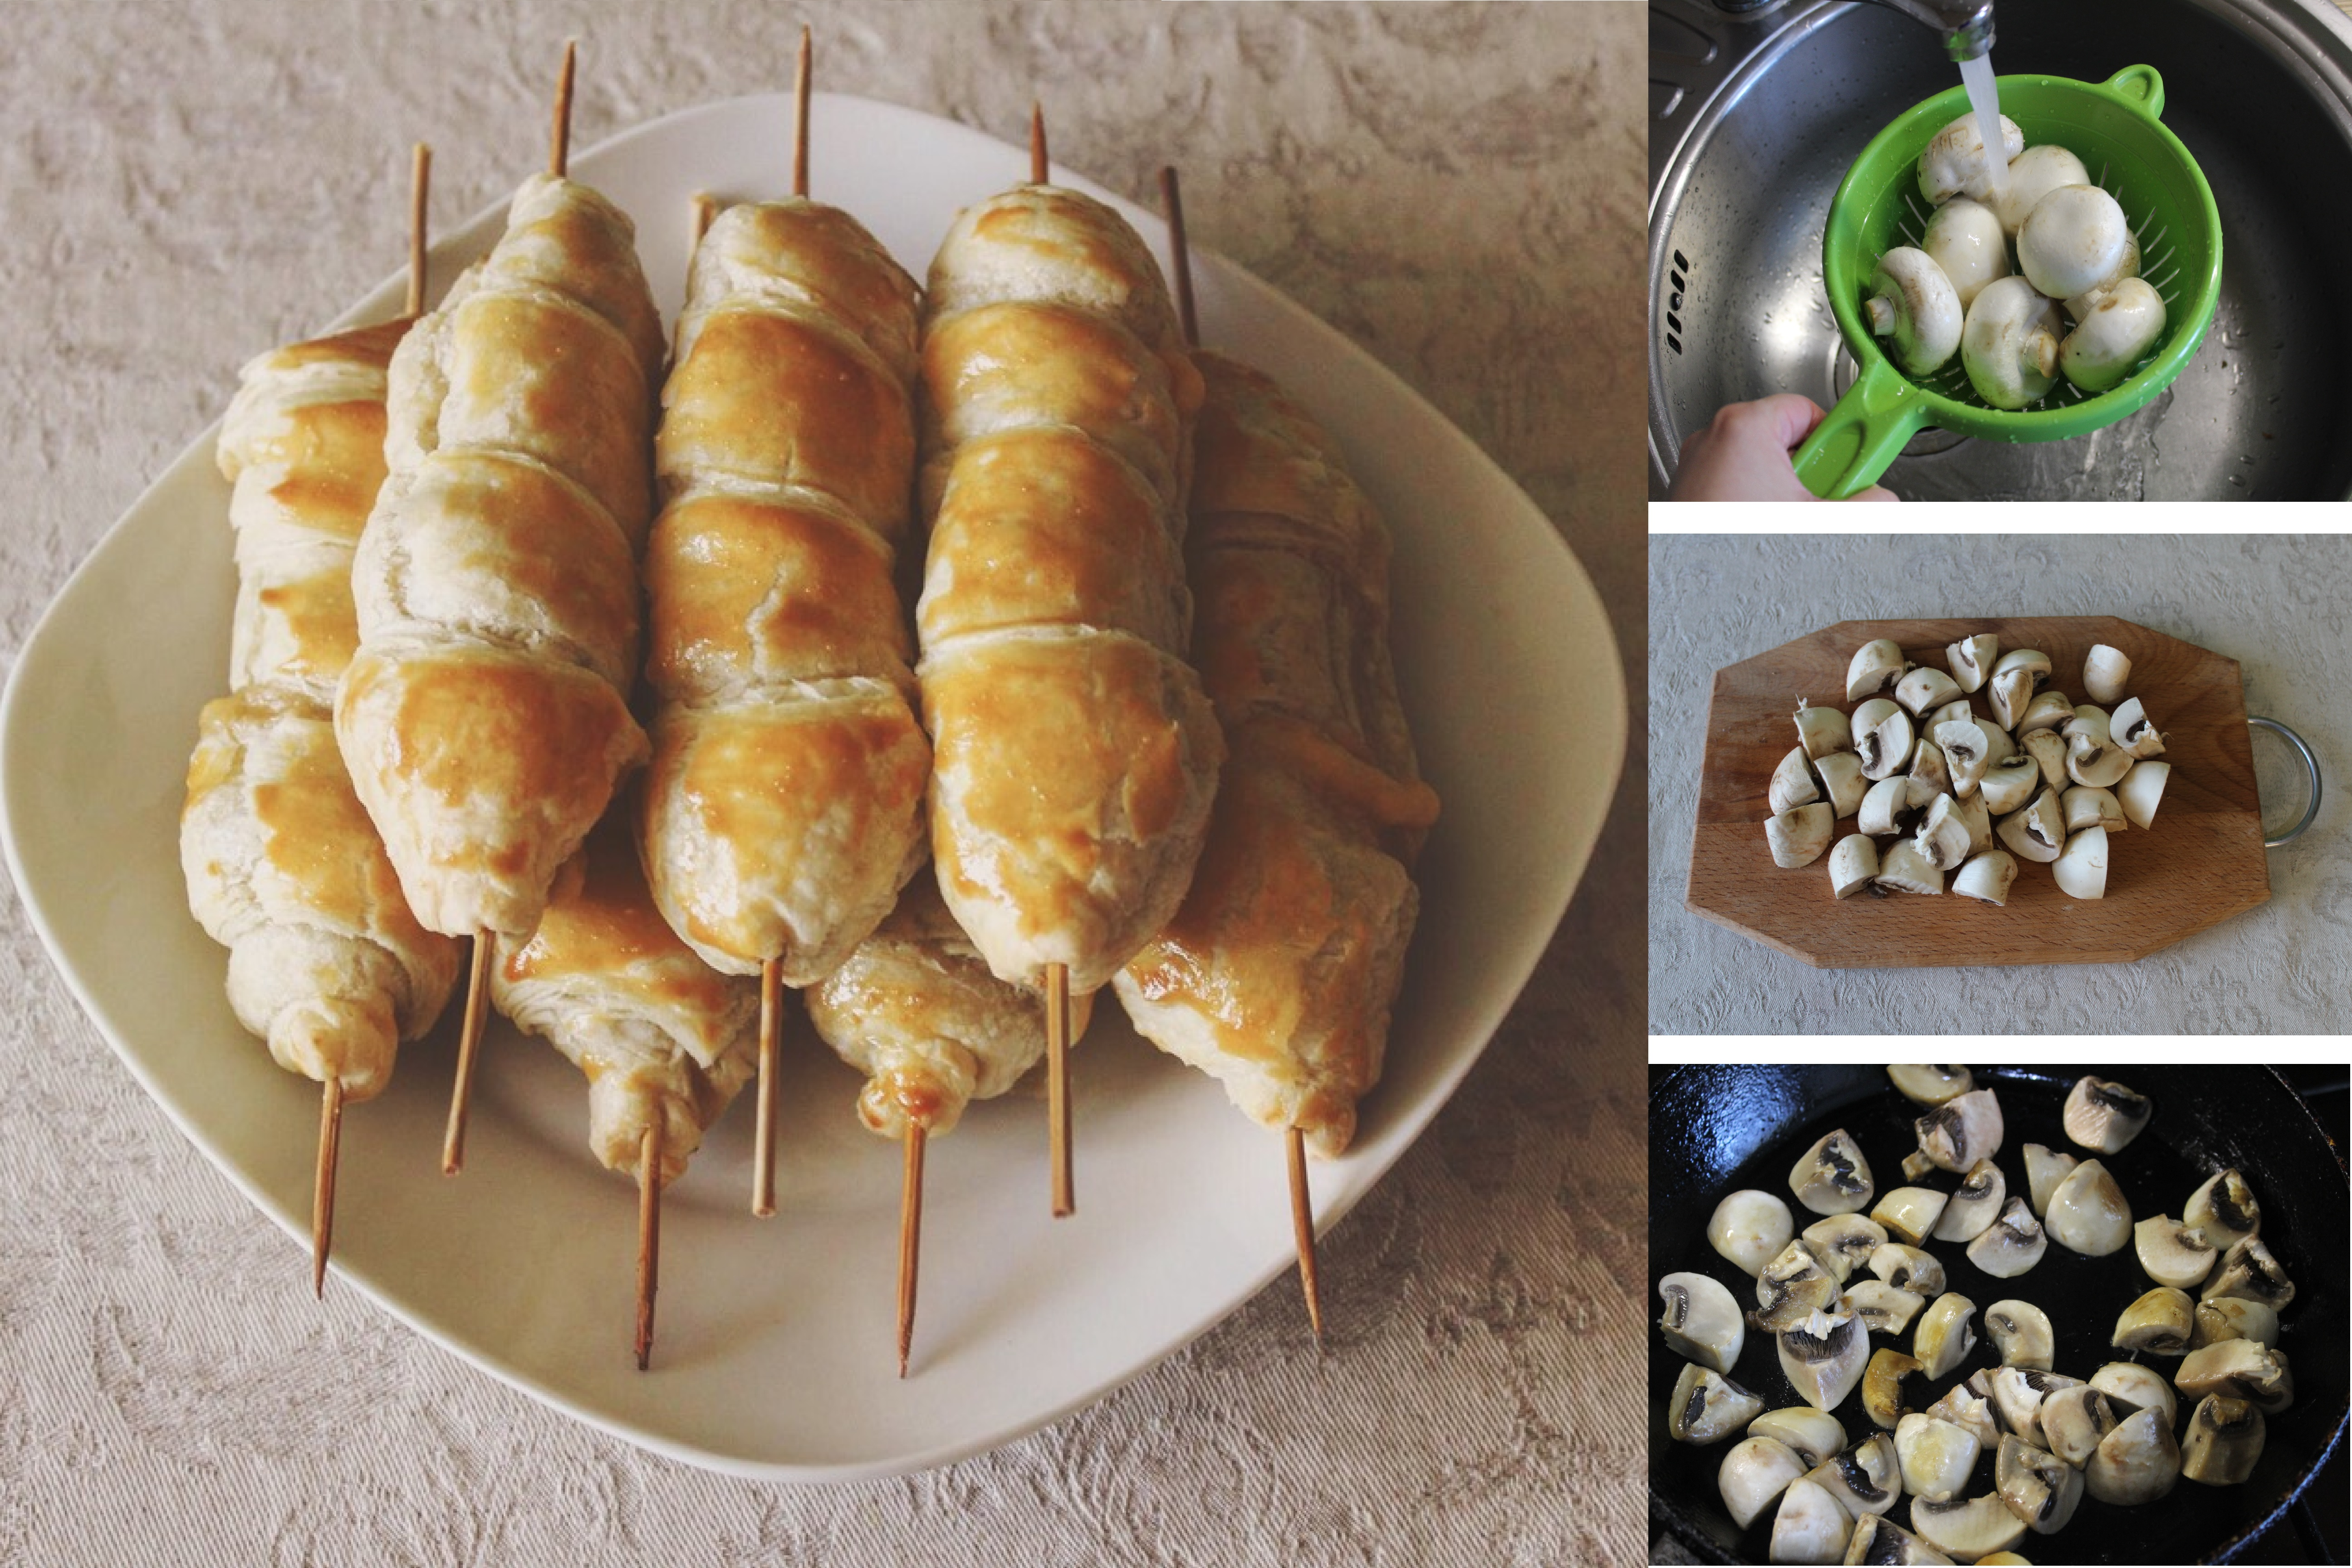 Пошаговый фото-рецепт: Закуска на шпажках с сыром и шампиньонами